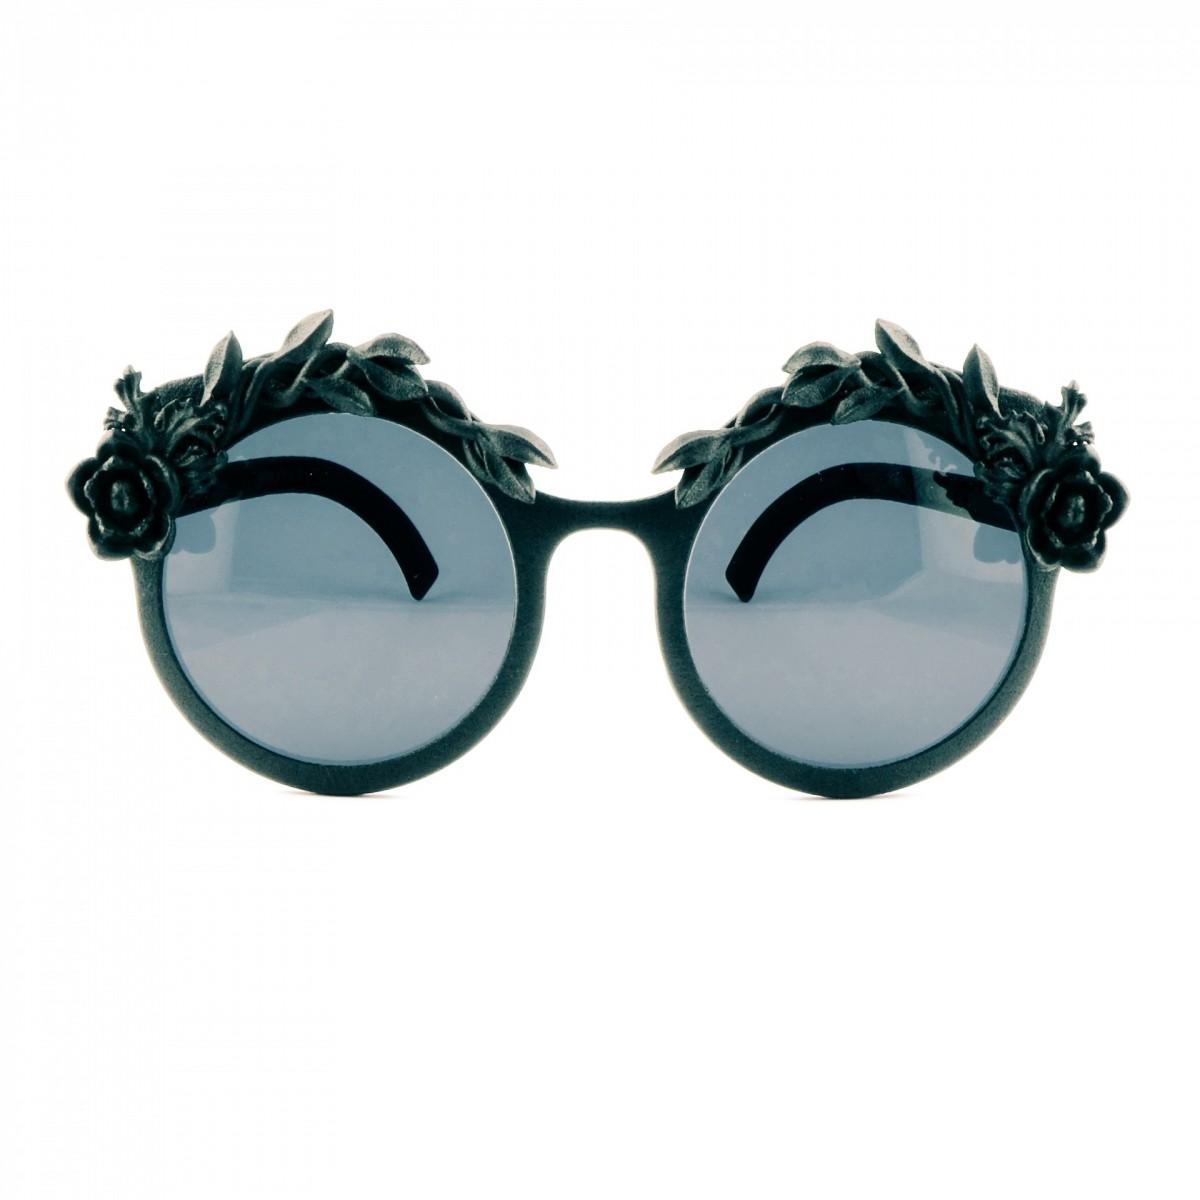 Cambiami Preludio donna verde ottanio, 90,00€, Occhiali Cambiami Verde a forma Rotondo